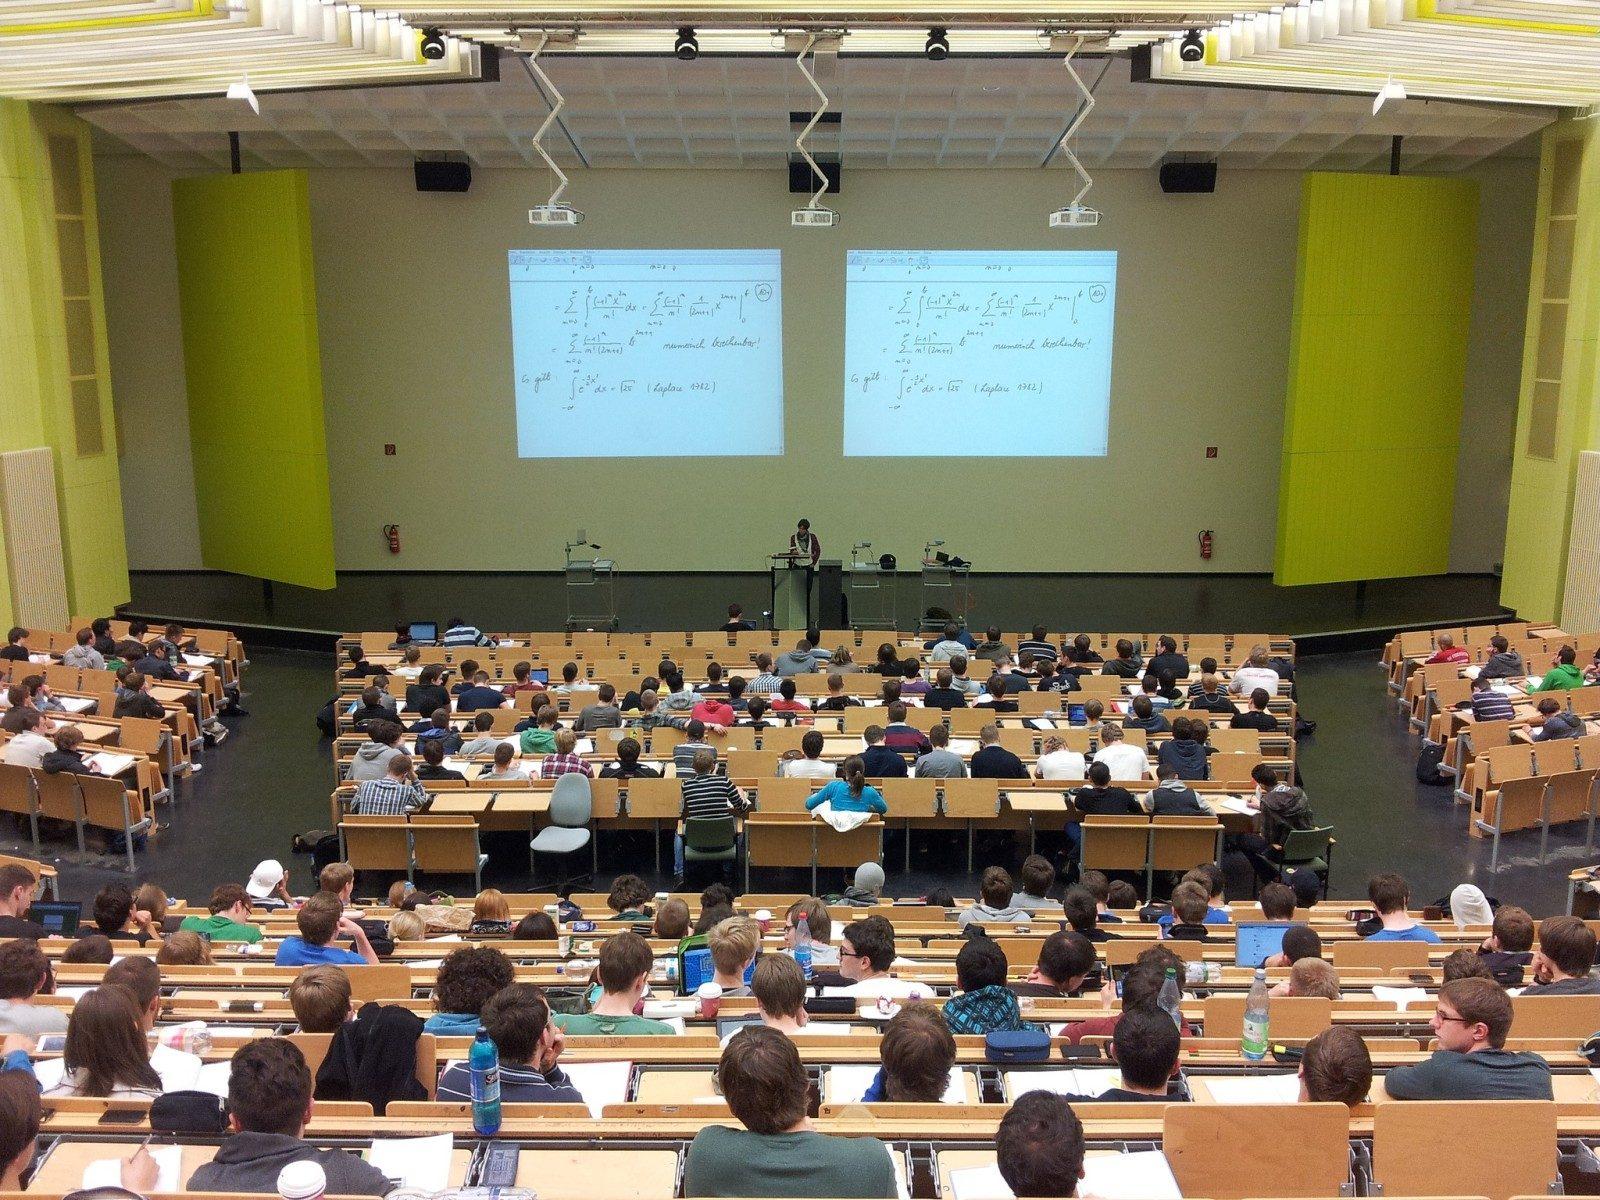 L'Université de Lorraine classée meilleure de France